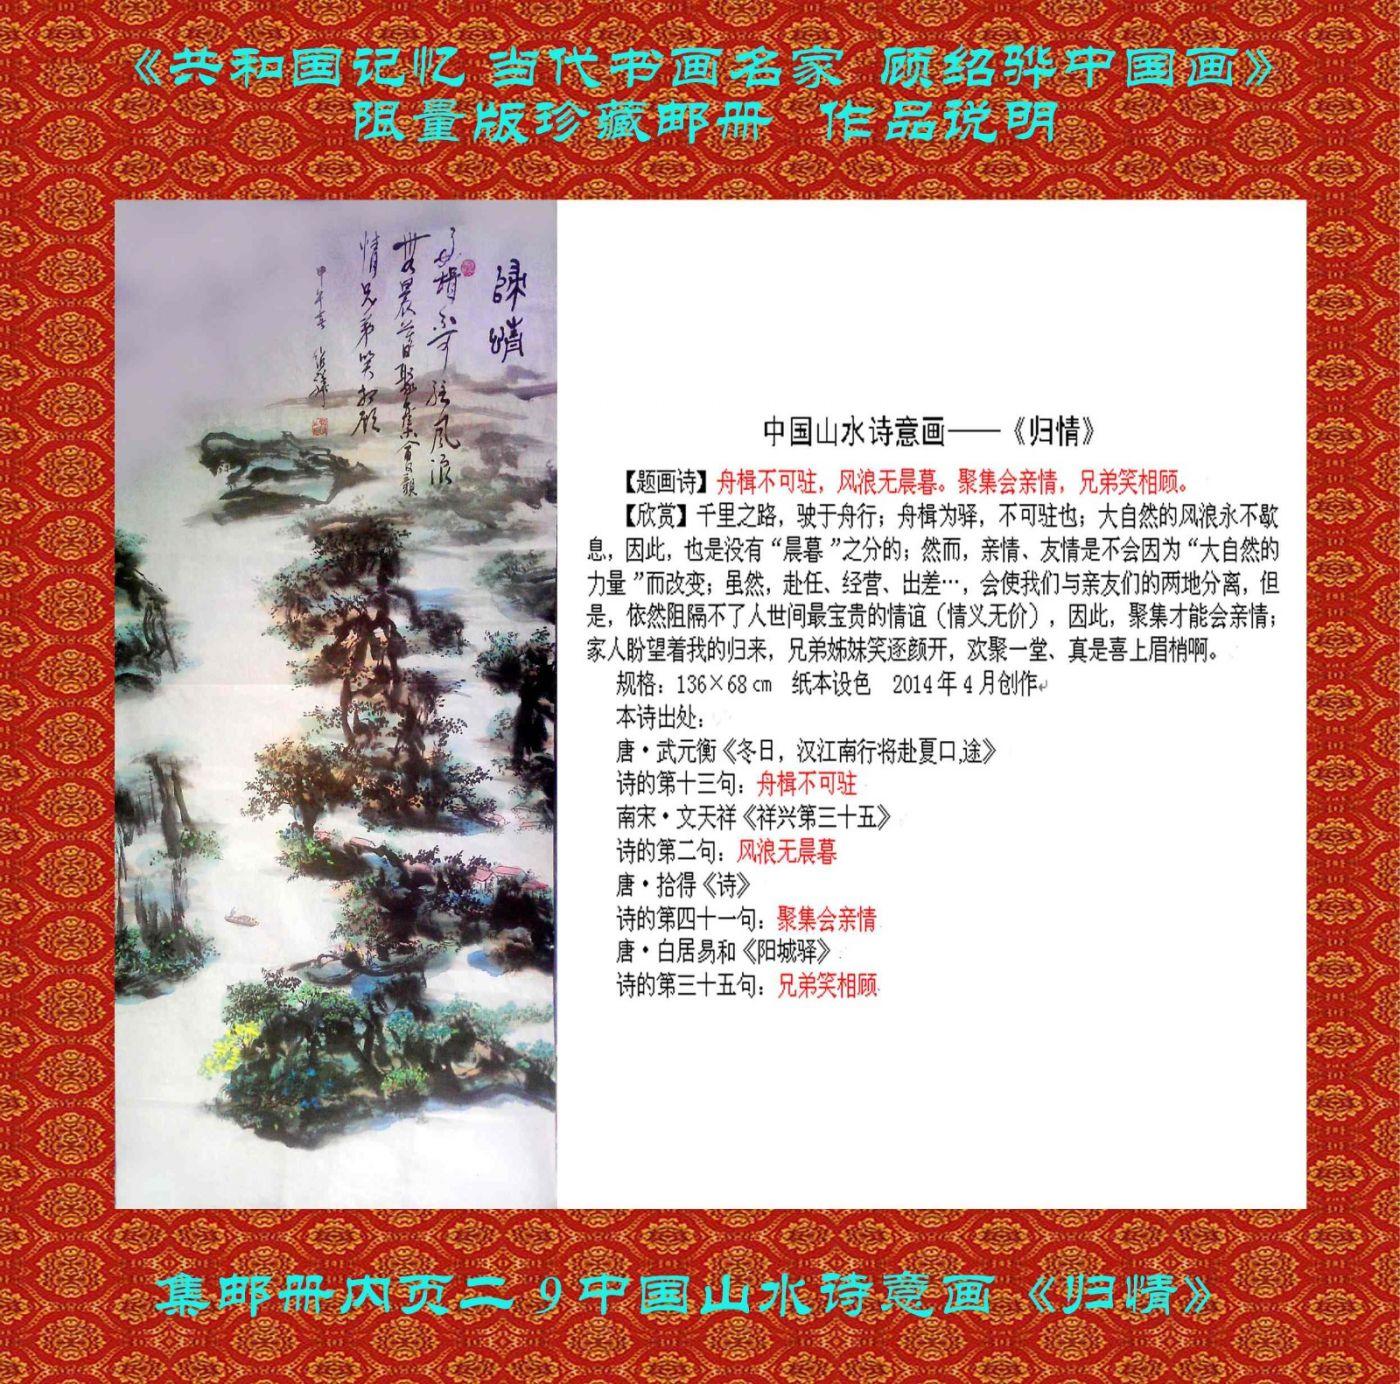 """""""顾绍骅的诗情画意""""入选《共和国记忆 ·中国书画艺术名家》限量版集邮珍藏册 ..._图1-12"""